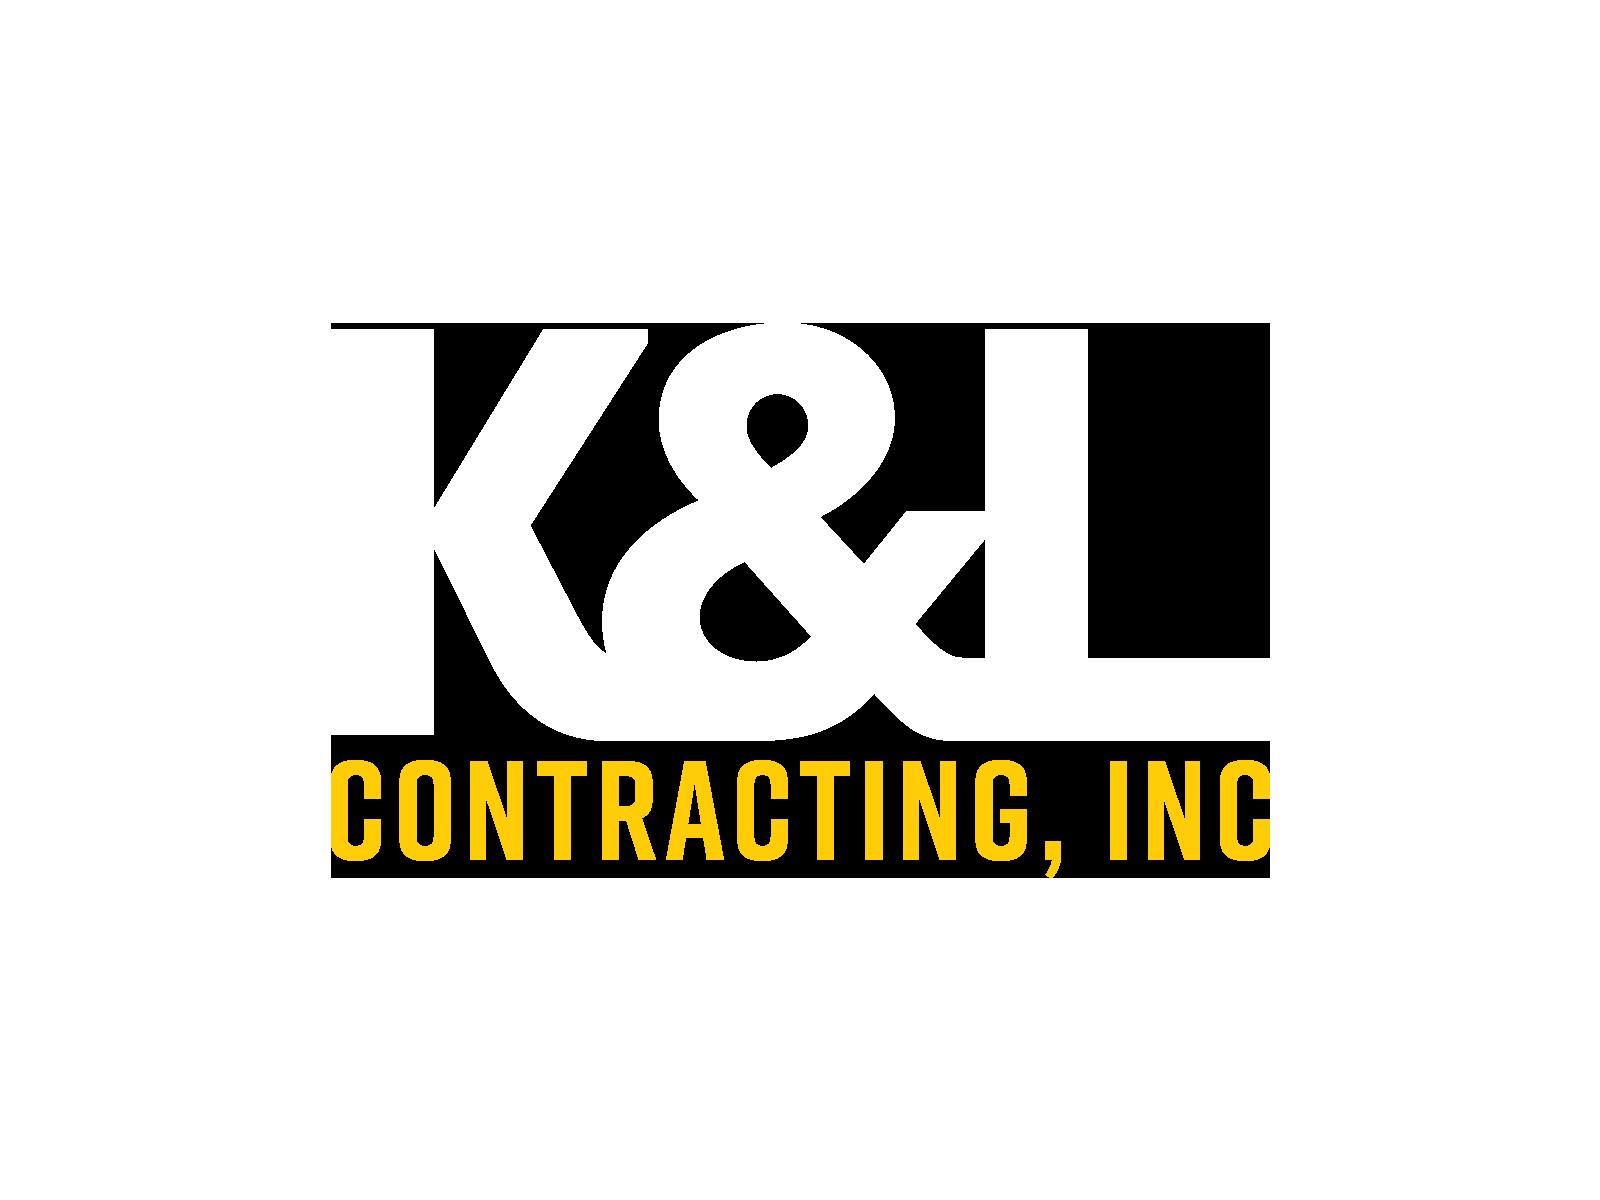 kandl_logo001.png